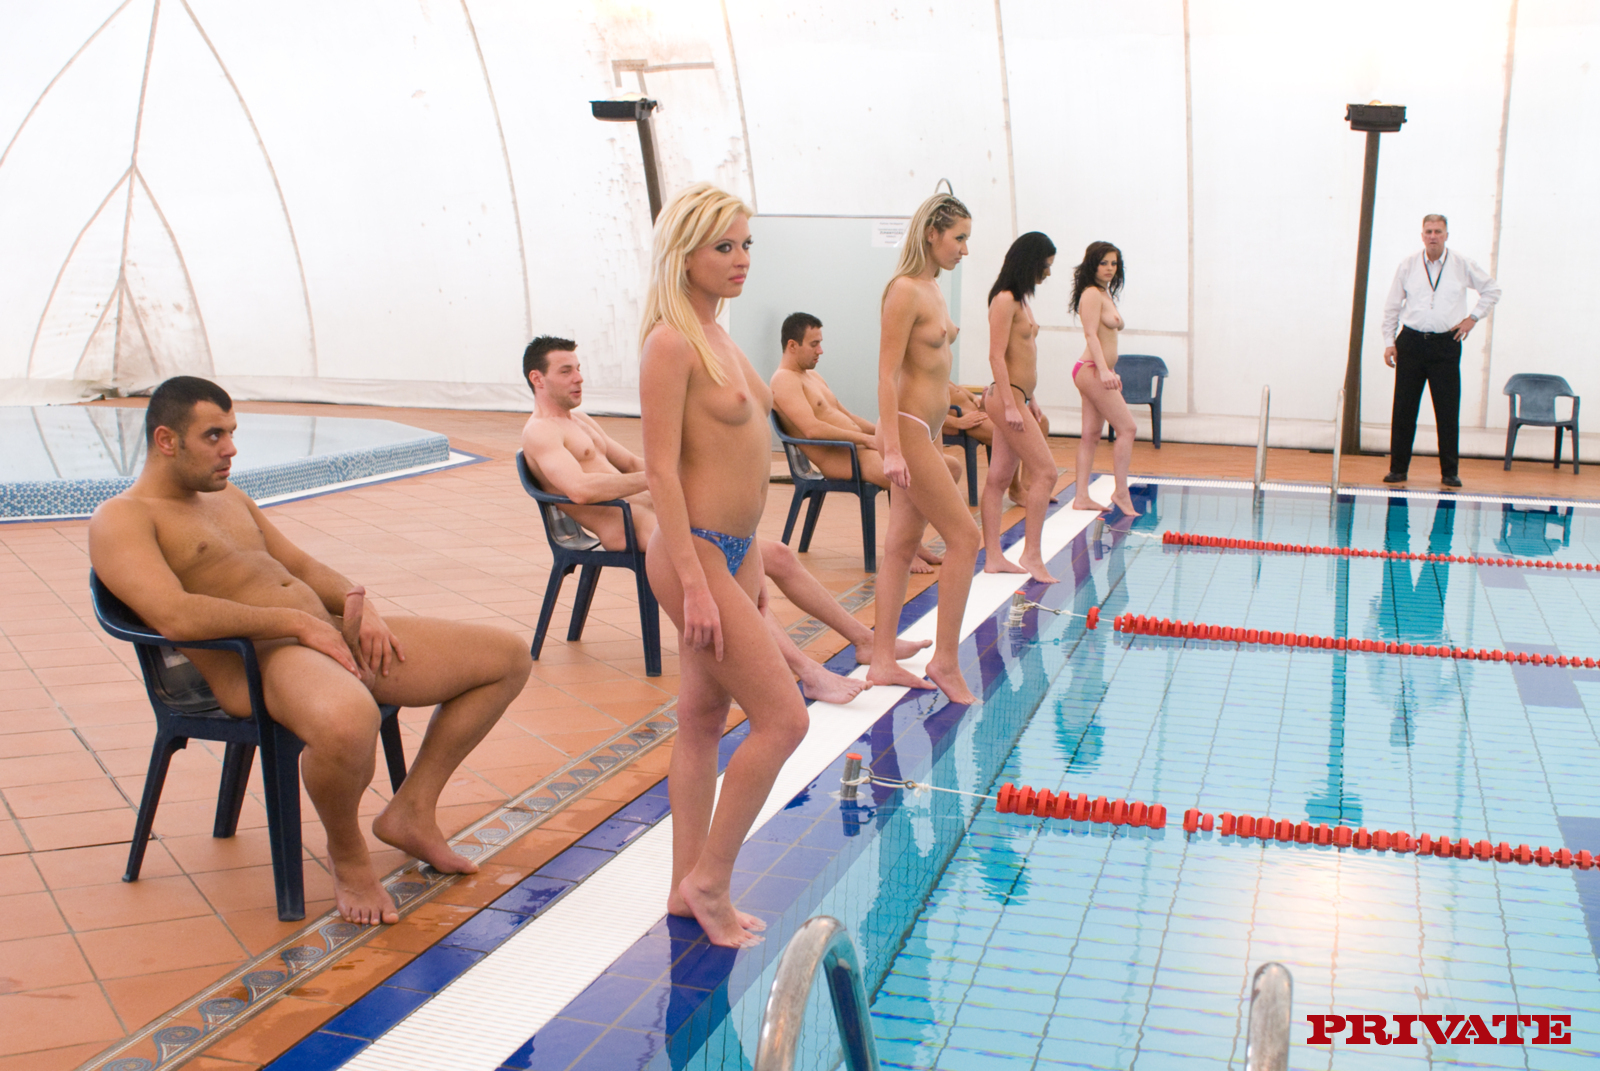 sportivnie-igri-nudistov